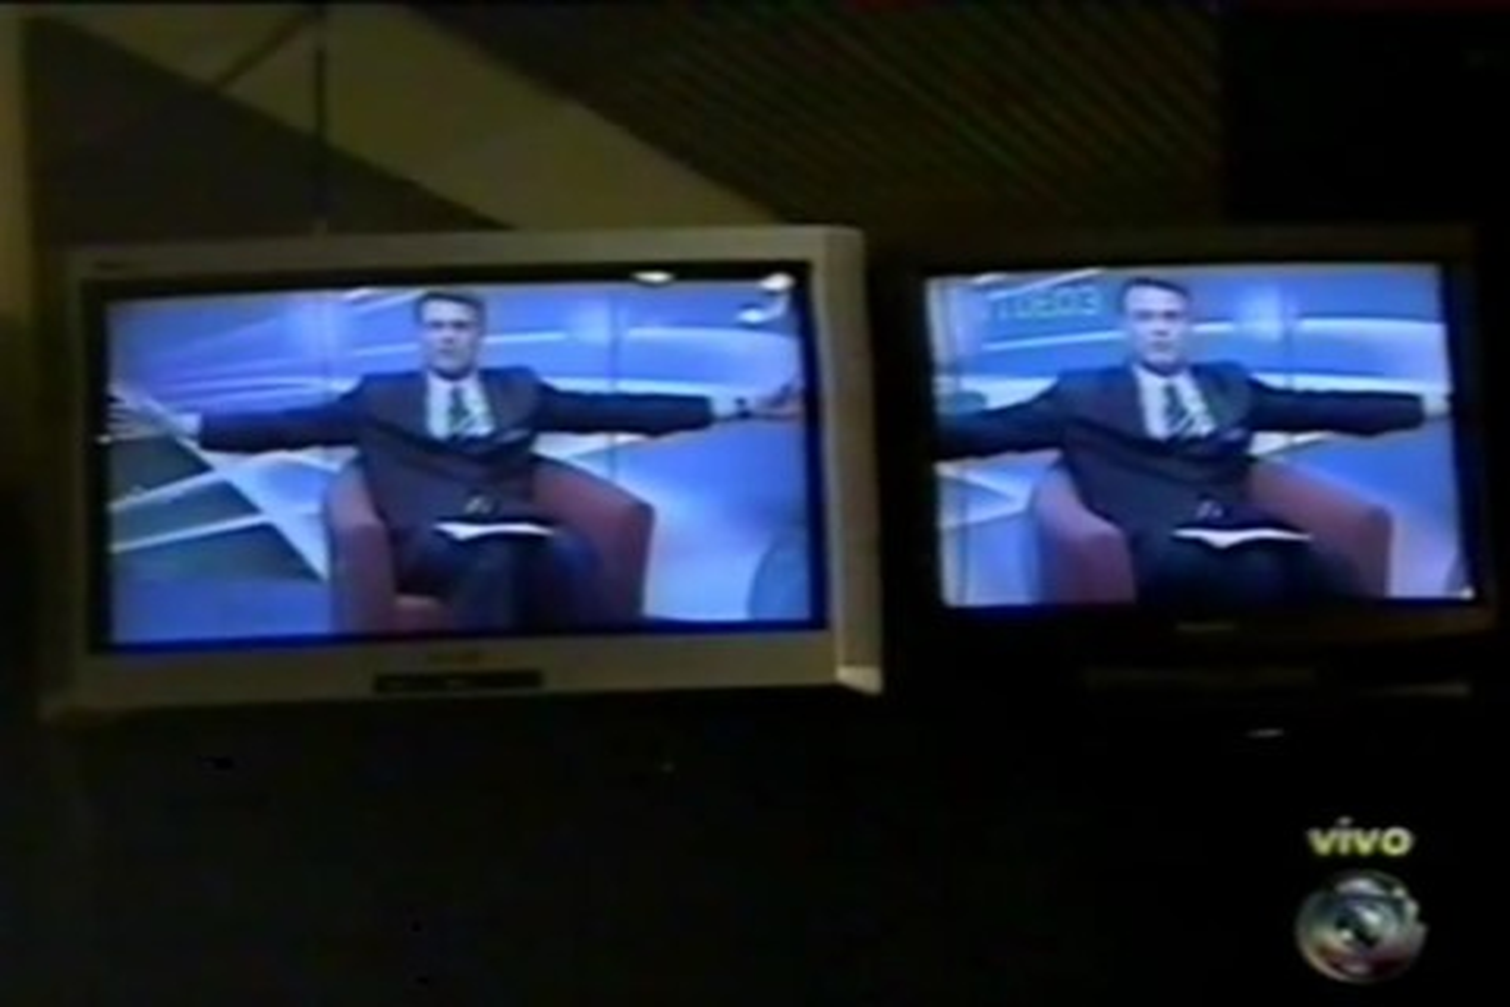 Imagem de História: assista à primeira transmissão de TV digital em HD no Brasil no tecmundo